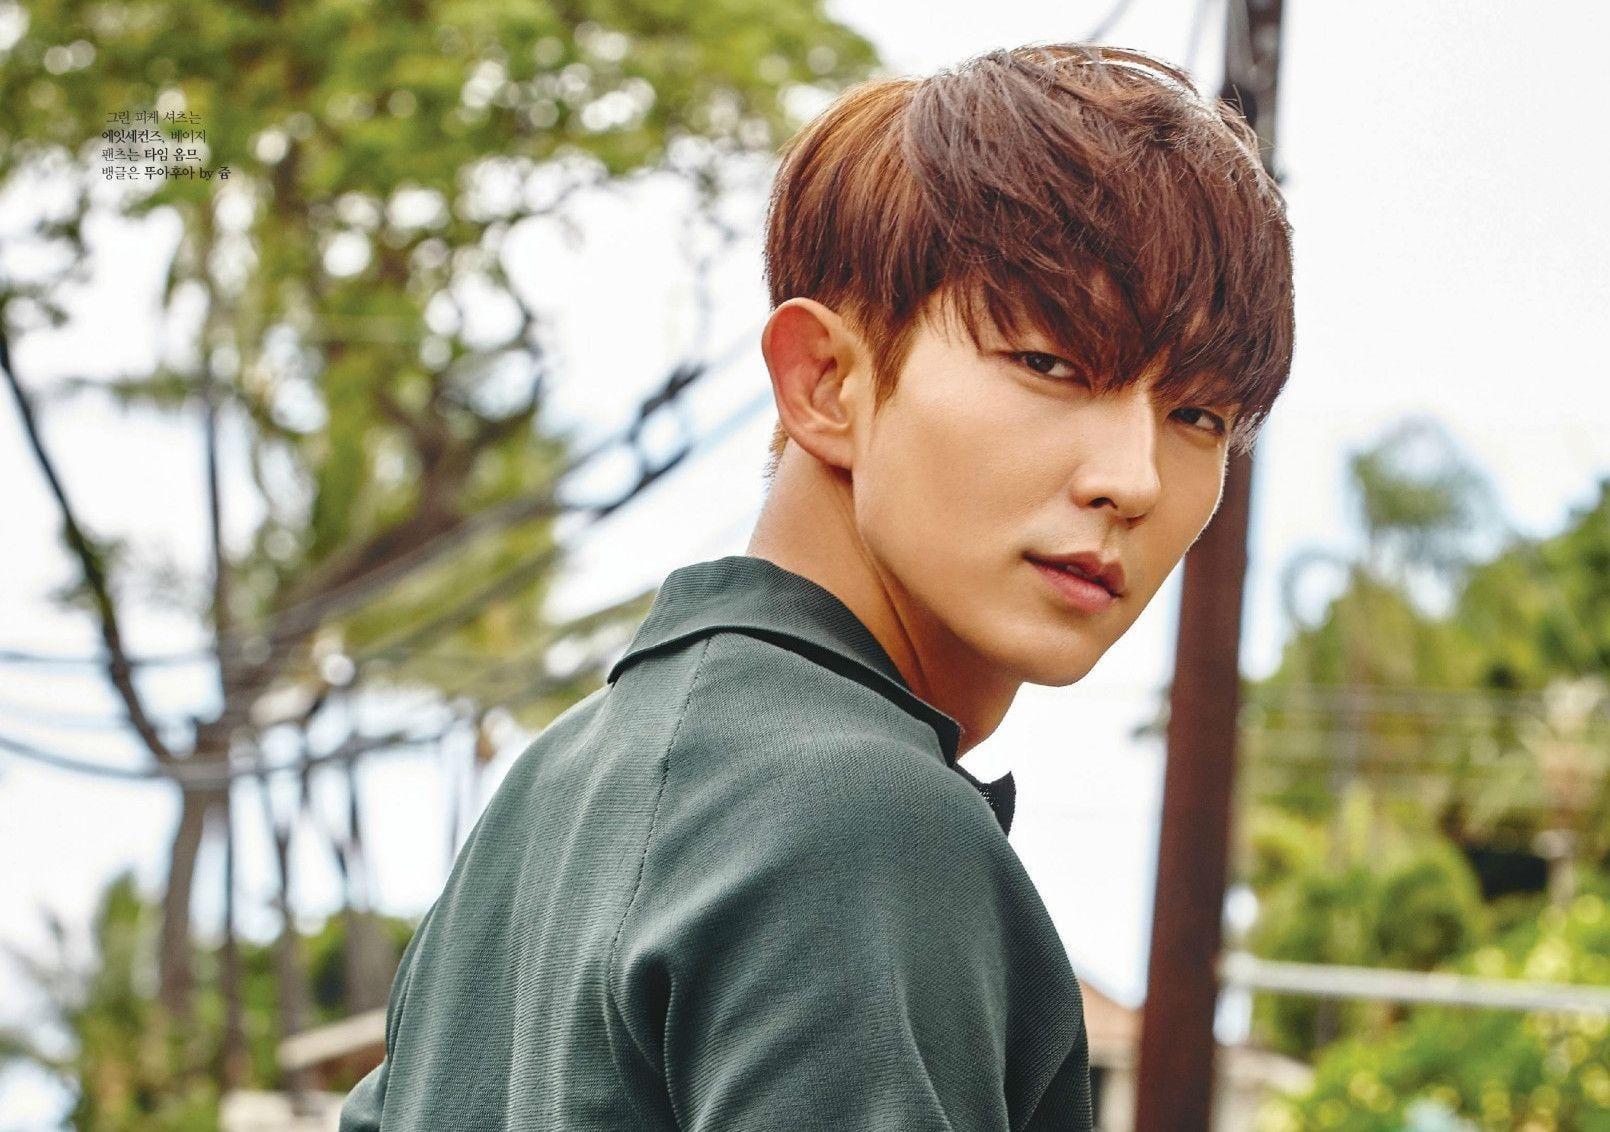 Who Is Lee Joon Gi?